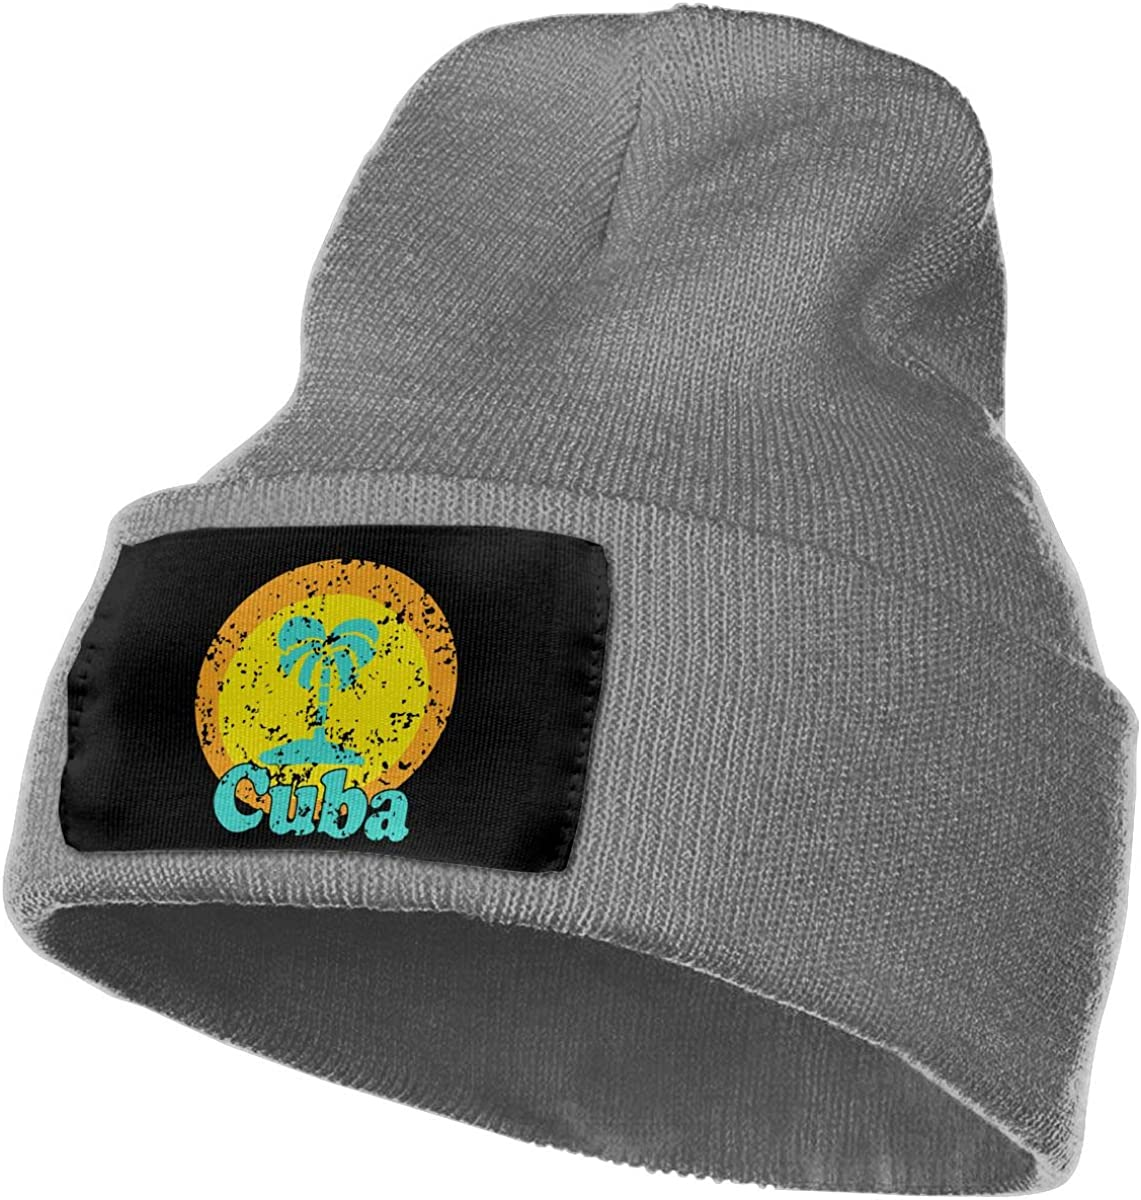 Vintage Cuba Outdoor Winter Warm Knit Beanie Hat Cap for Men//Women